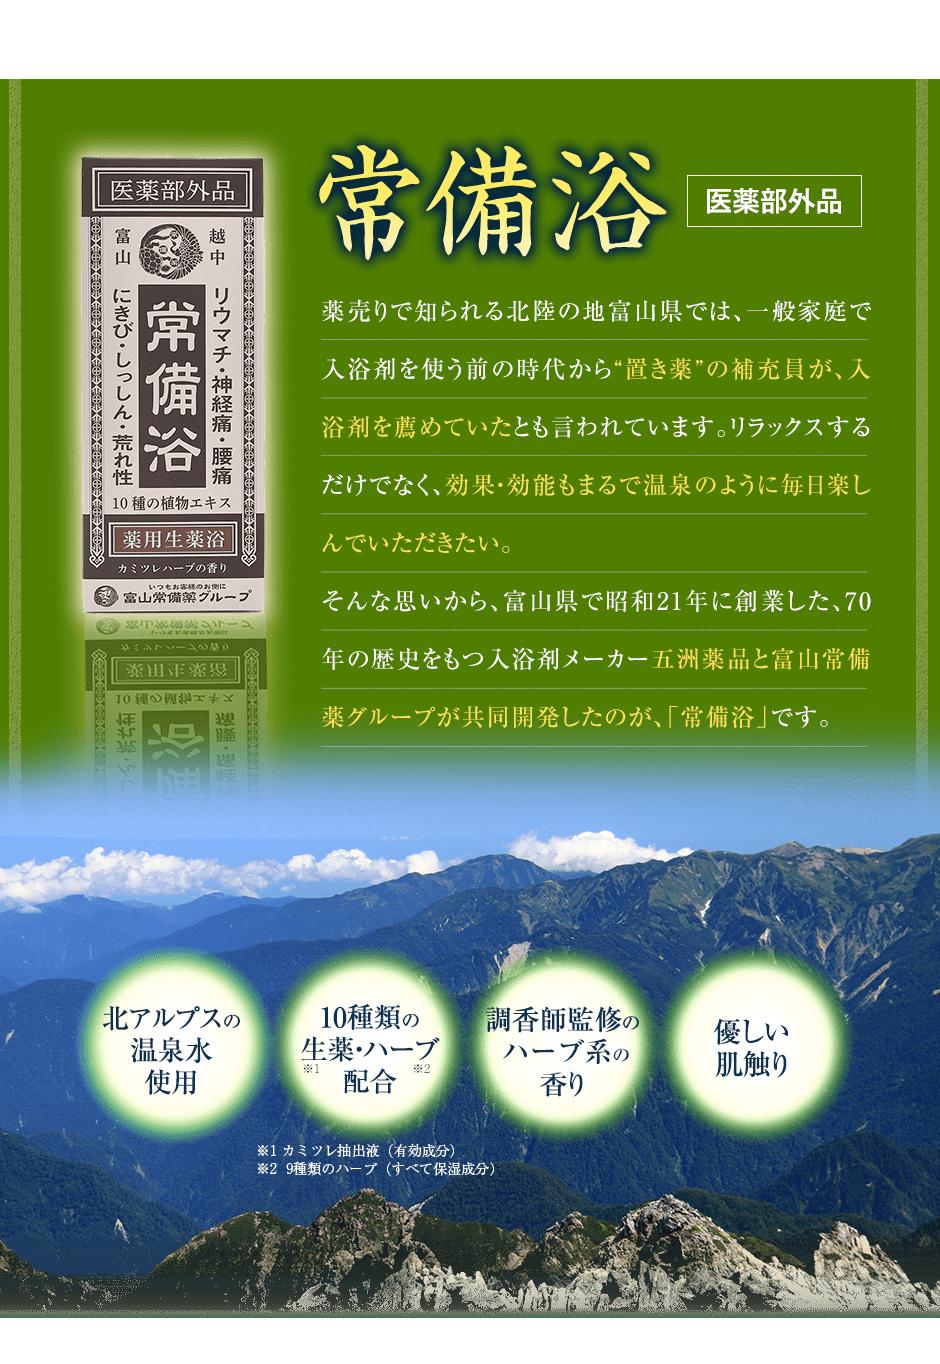 """薬売りで知られる北陸の地、富山県では一般家庭で入浴剤を使う前の時代から""""置き薬""""の補充員が、入浴剤を薦めていたことから広まったとも言われています。"""